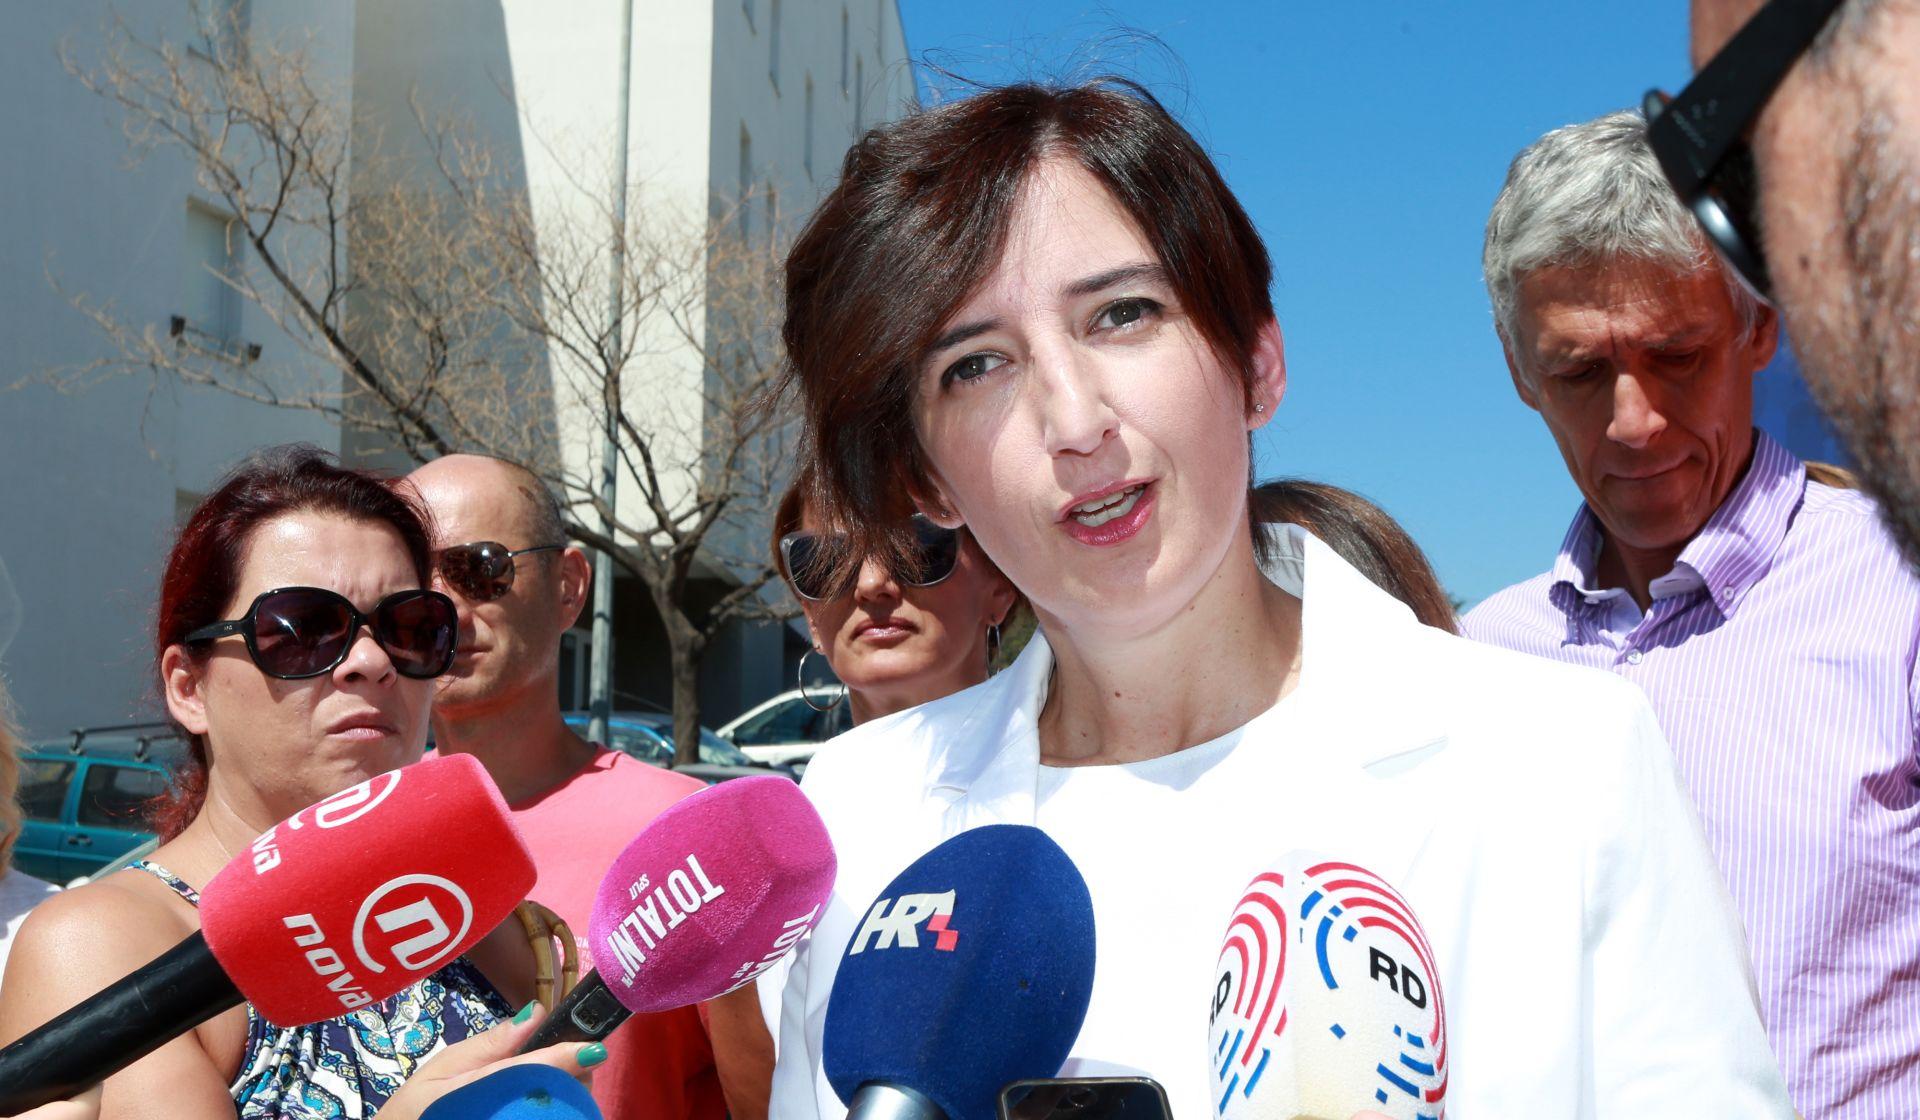 Pametno poziva stranke da daju potporu provedbi Zakona o sportu